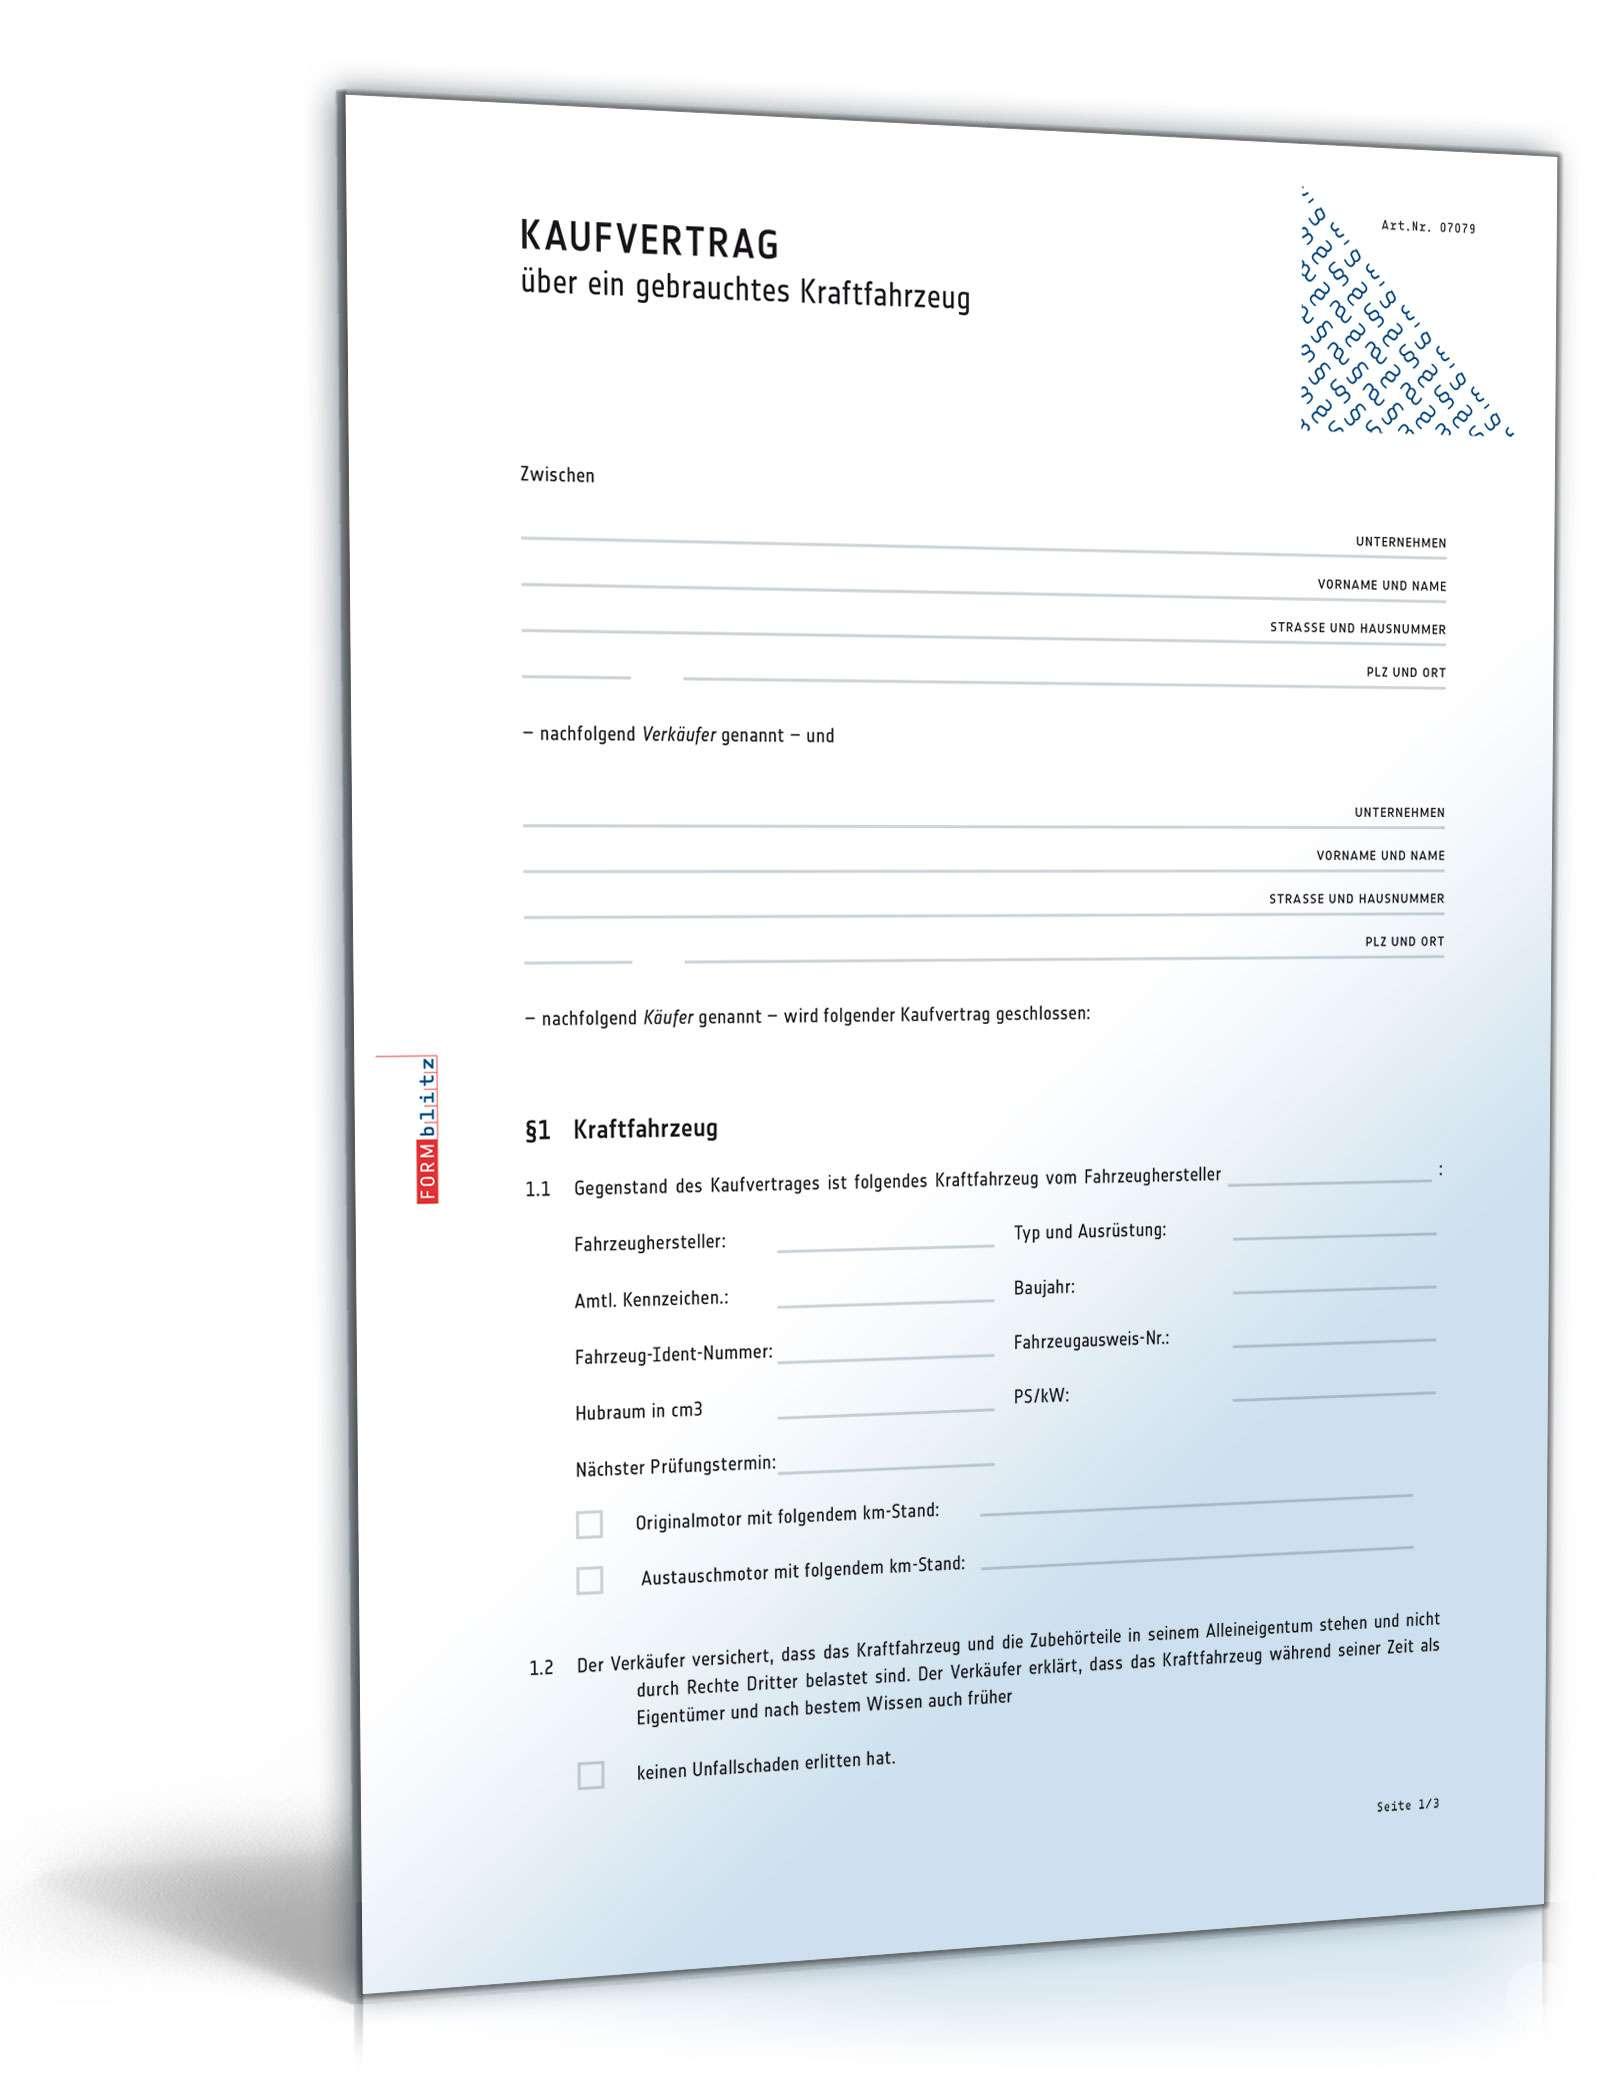 Kaufvertrag über Ein Gebrauchtes Kraftfahrzeug Muster Vorlage Zum